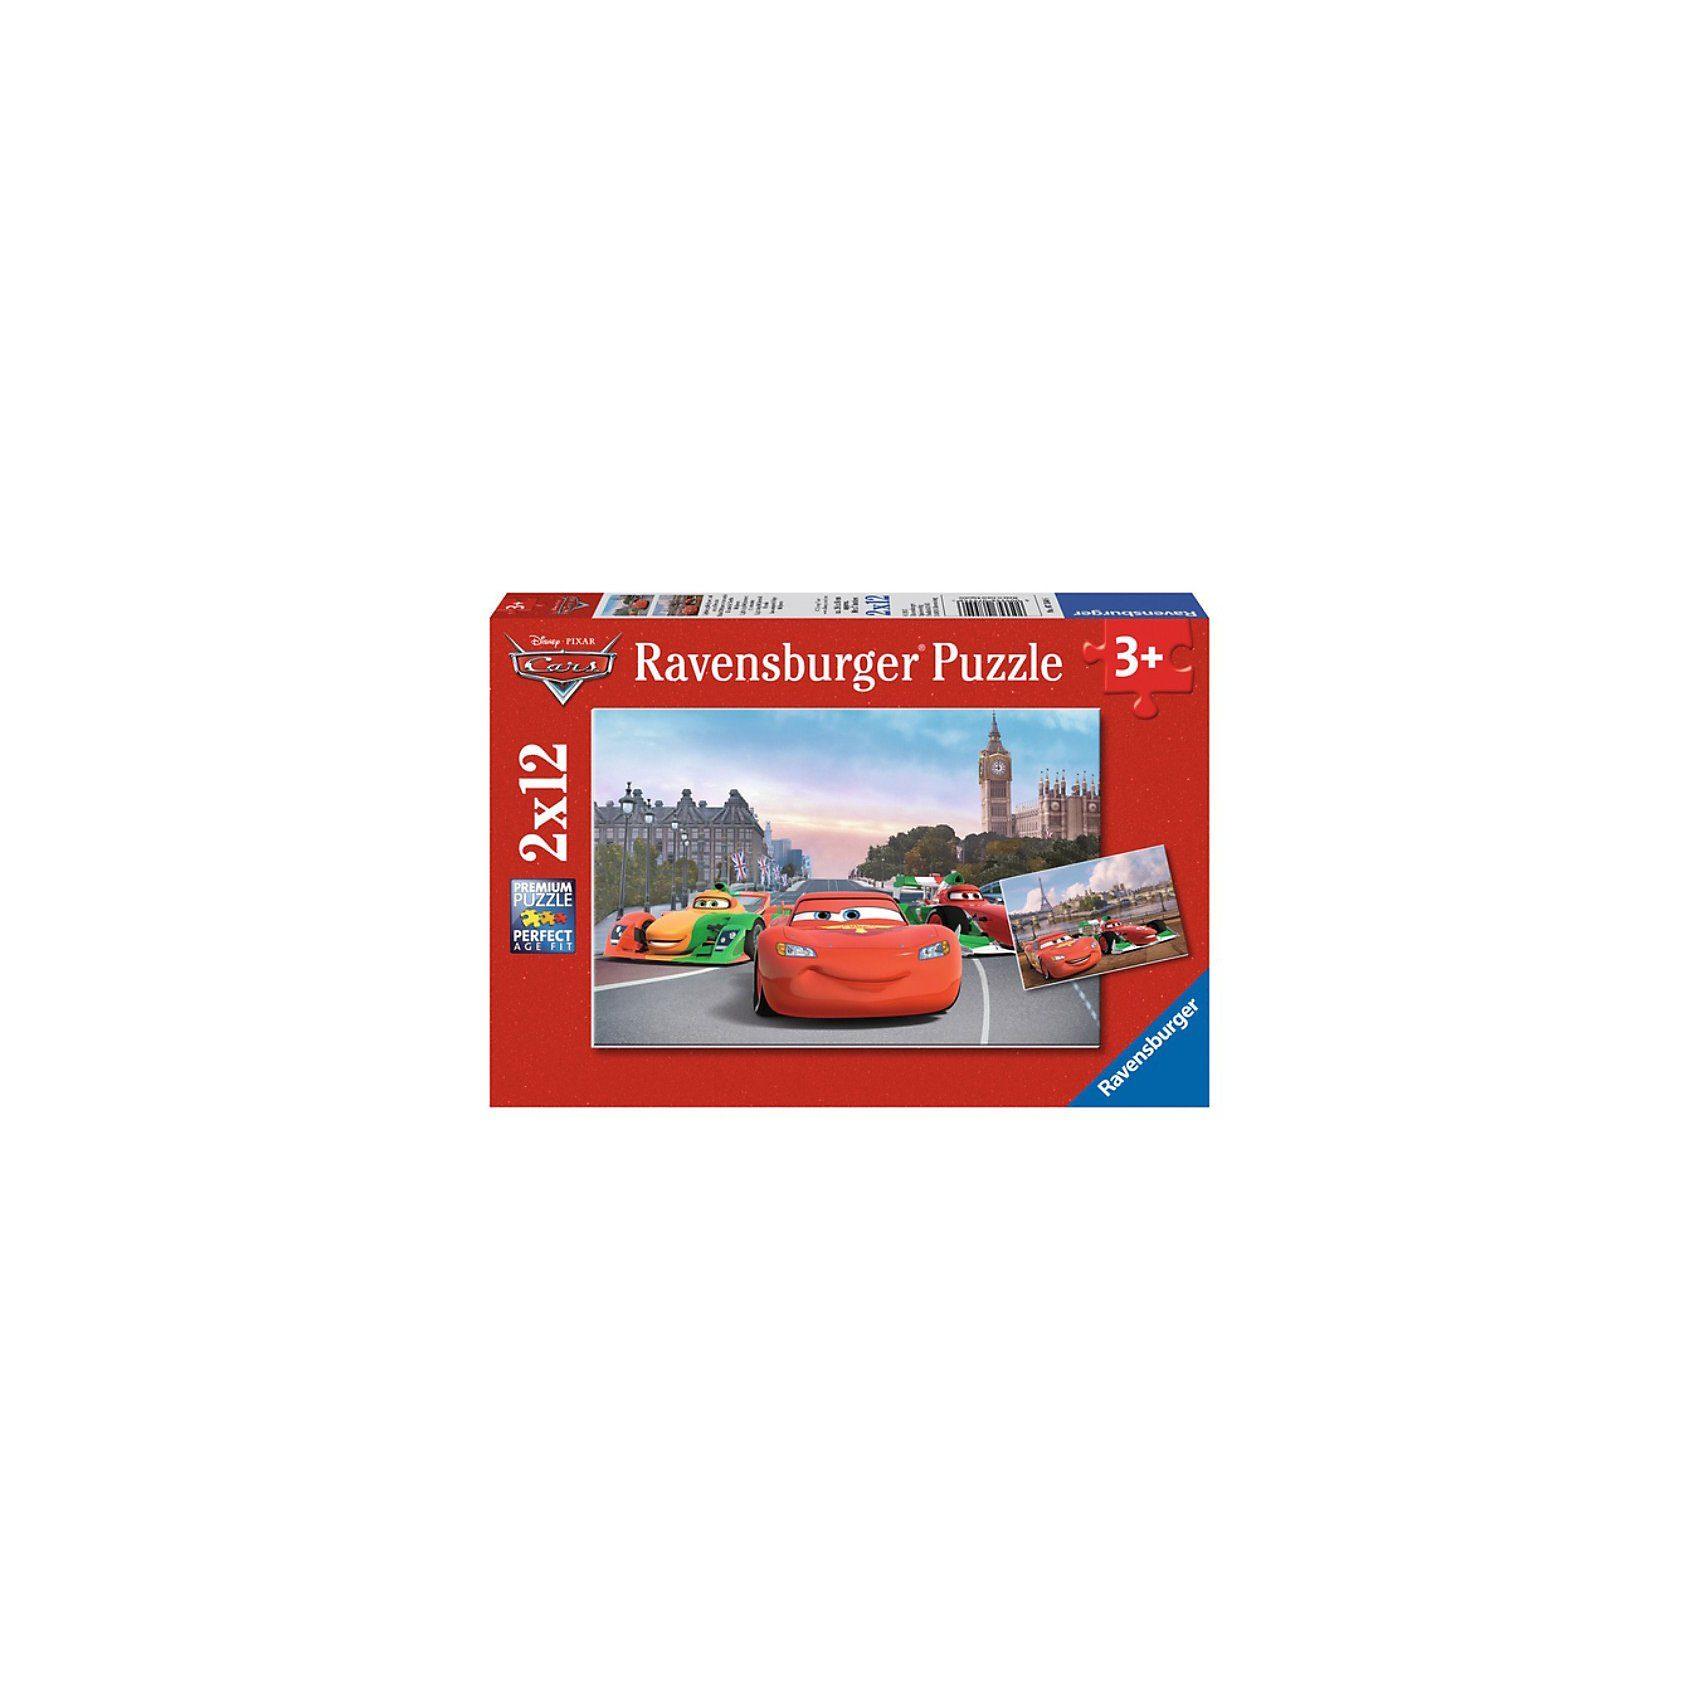 Ravensburger Puzzleset Disney Cars Lightning McQueen und seine Freunde 2